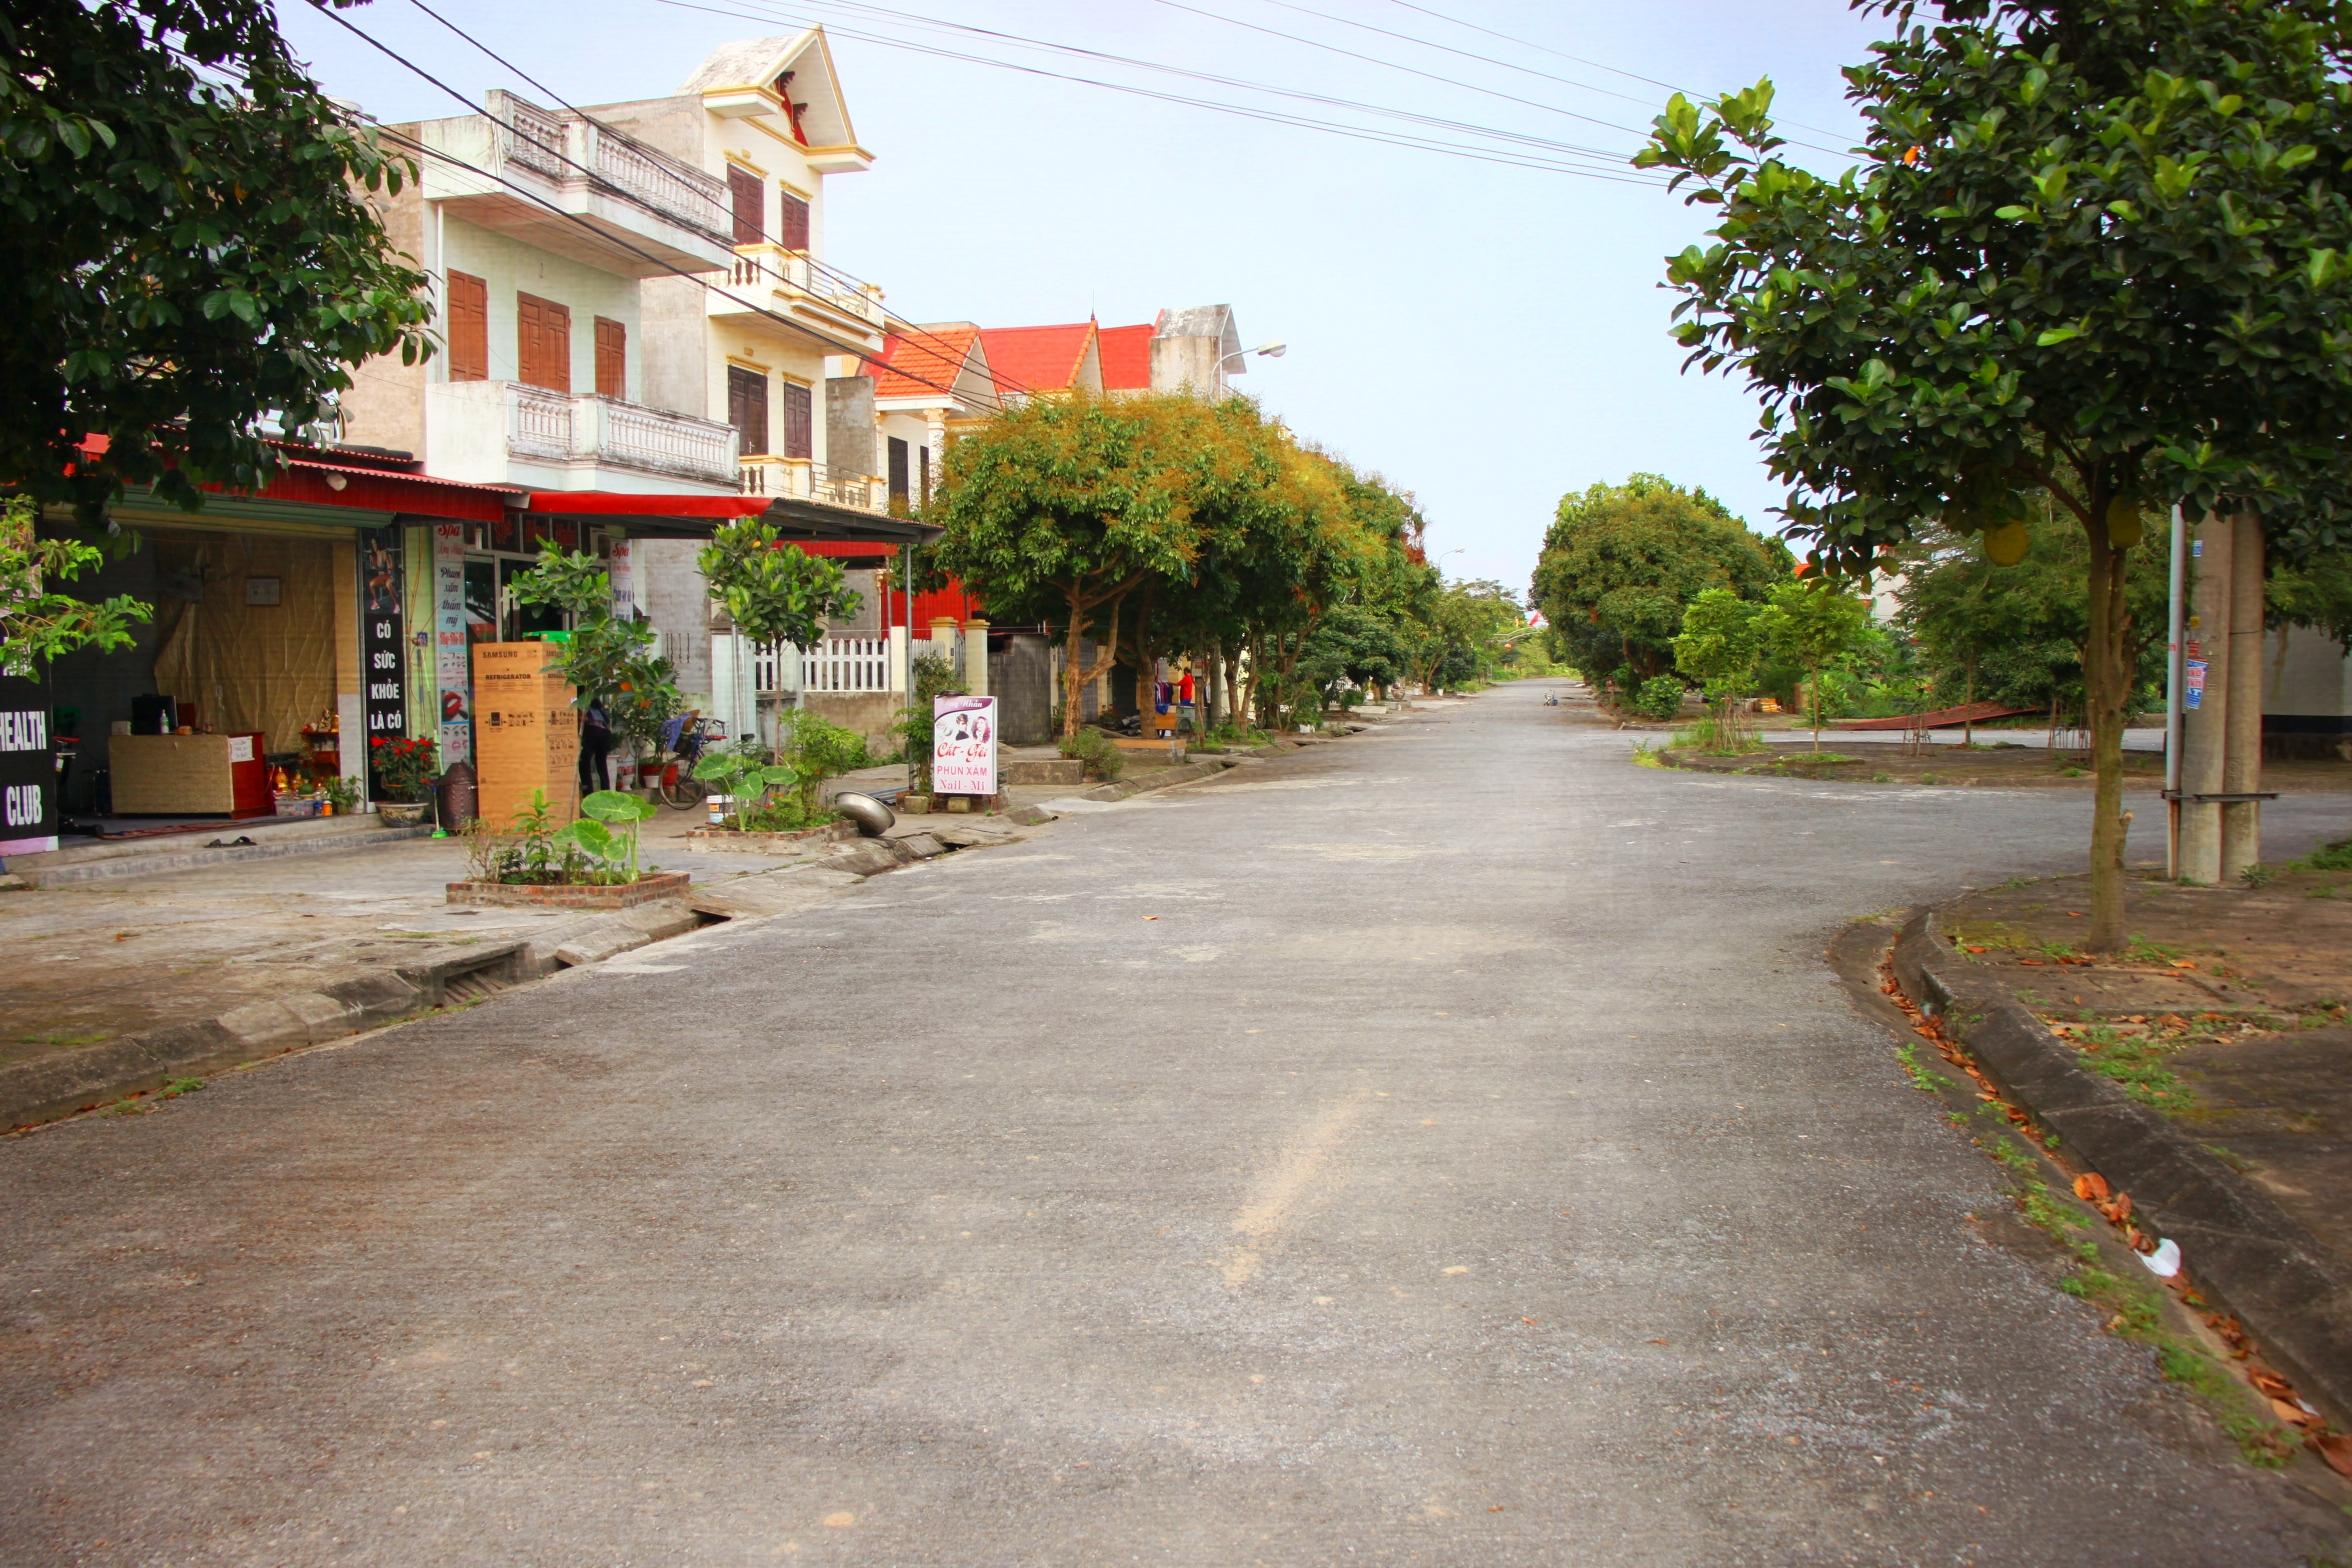 Bán đất TĐC Hòa Nghĩa, Dương Kinh, Hải Phòng 0942448192